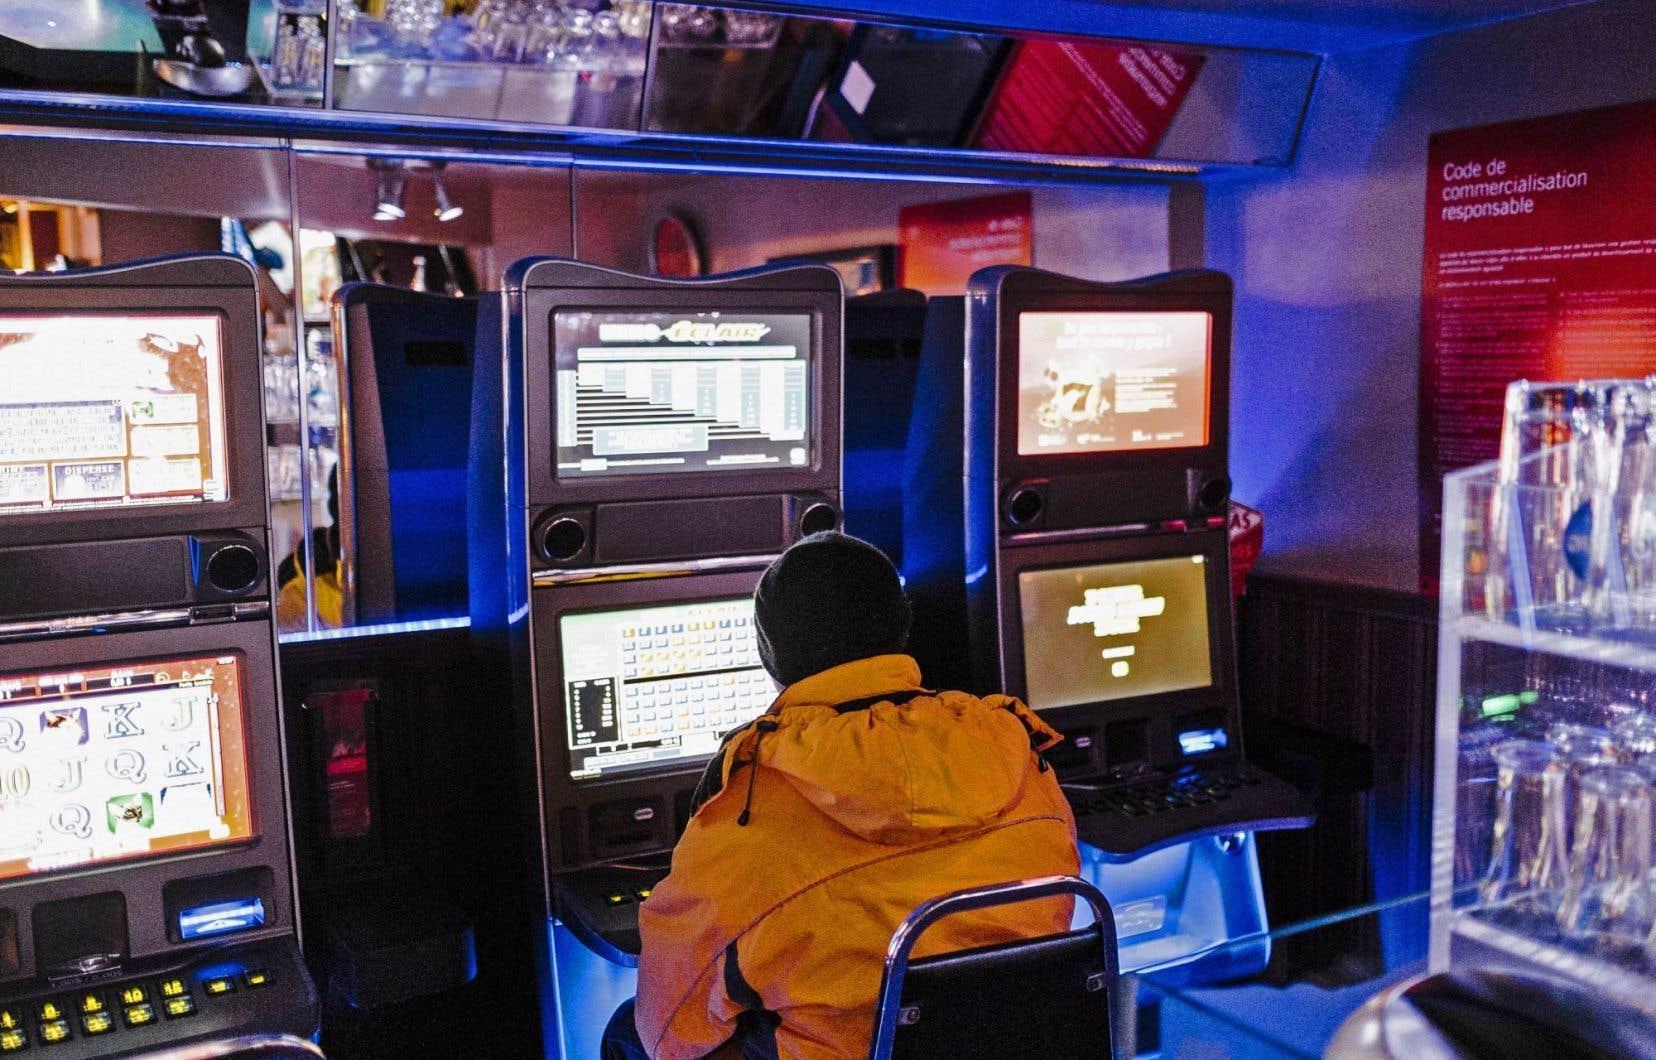 Loto-Québec s'engage à réduire de 11601 à 10500 le nombre d'appareils de loterie vidéo exploités au Québec.